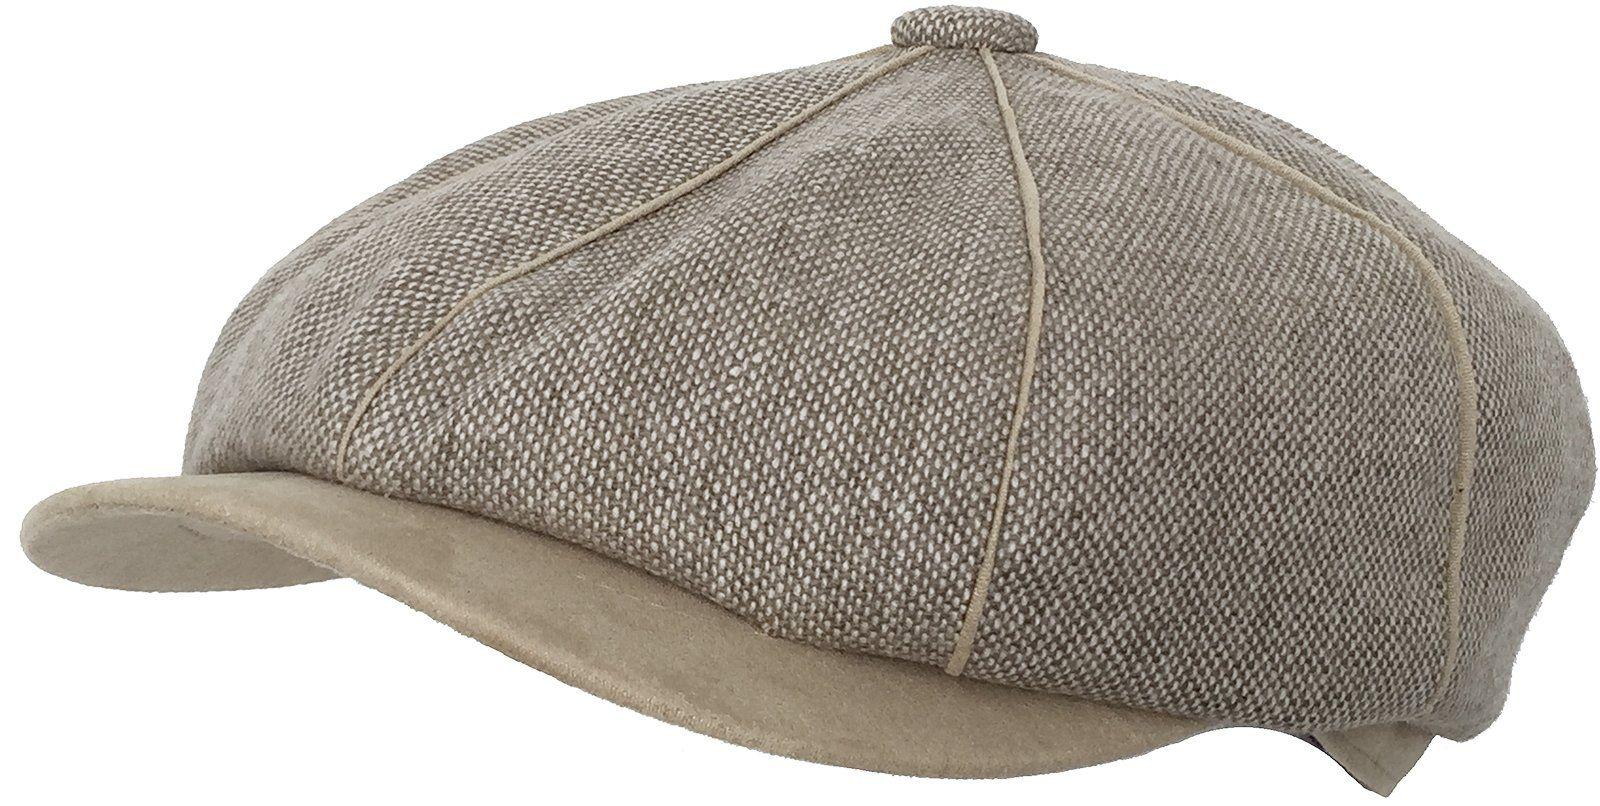 0d15569fc41bd Who Ced Tweed Gatsby Cap 8 4 Newsboy Hat 2 1 2